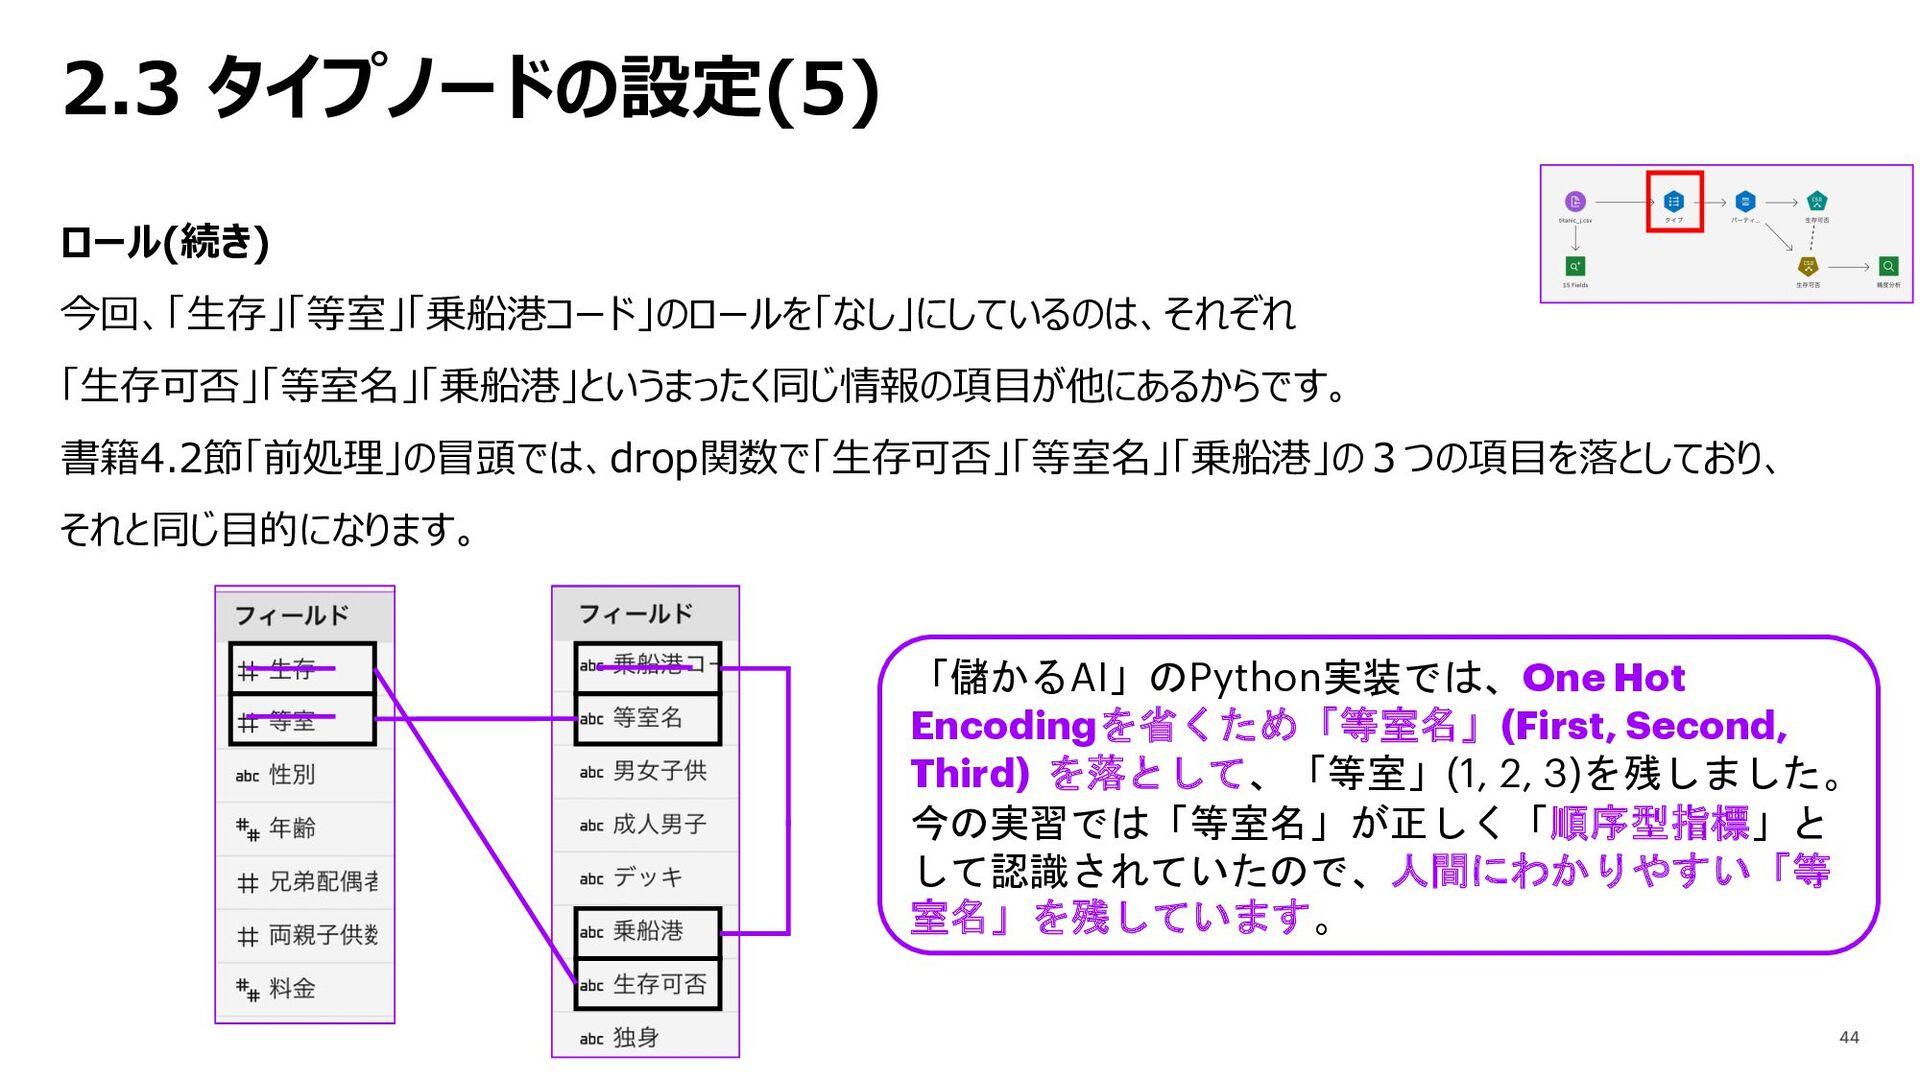 2.3 タイプノードの設定(5) ロール(続き) 今回、「⽣存」「等室」「乗船港コード」のロー...